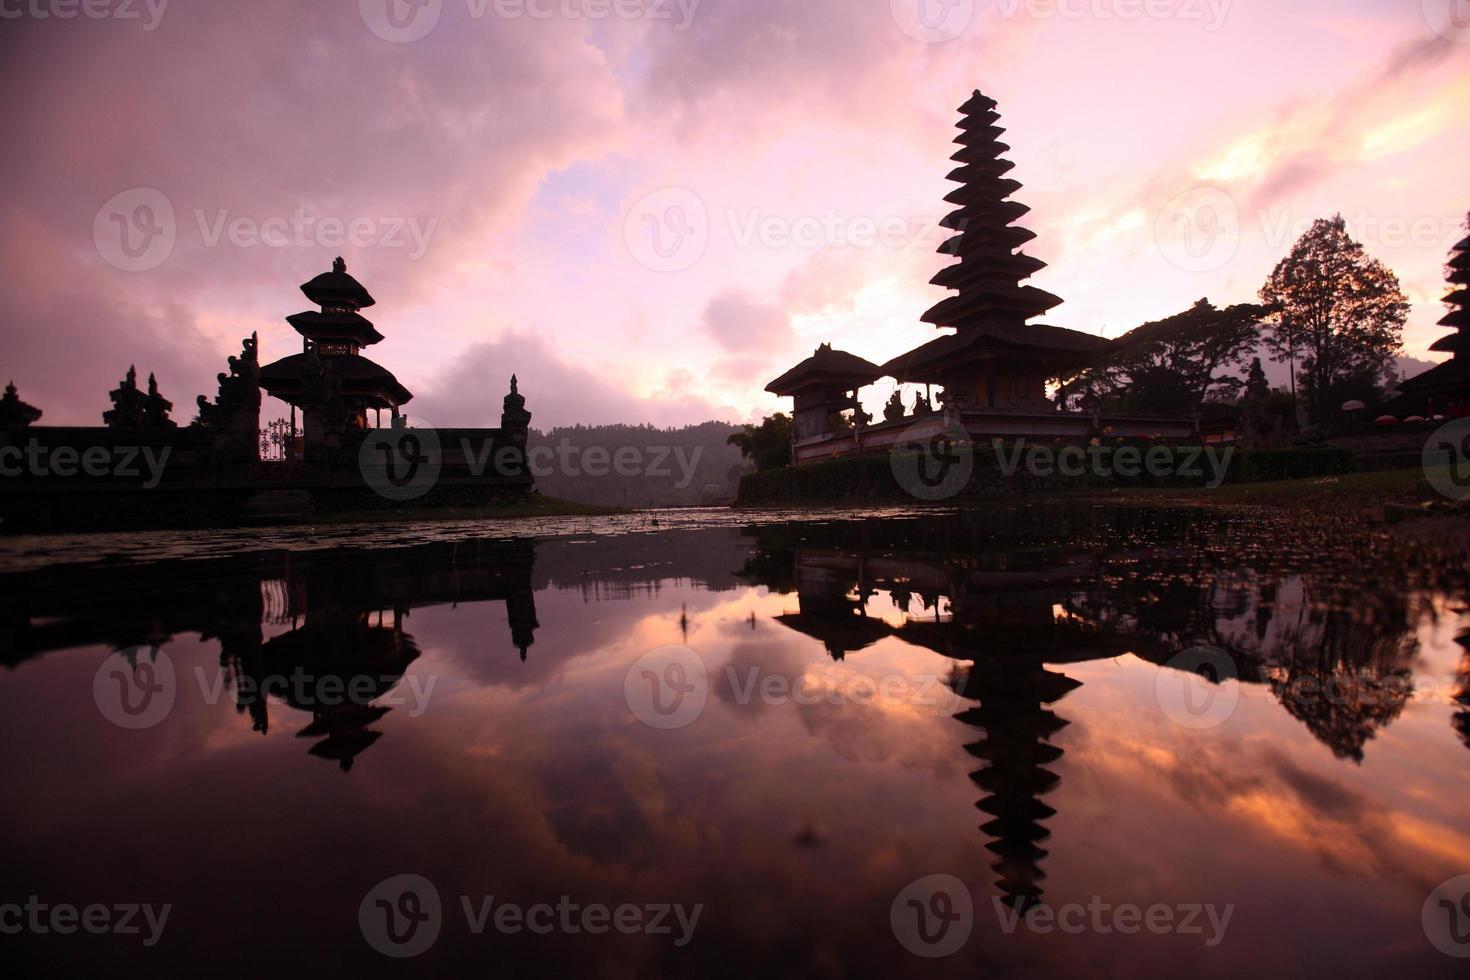 ásia bali ulun danu templo foto